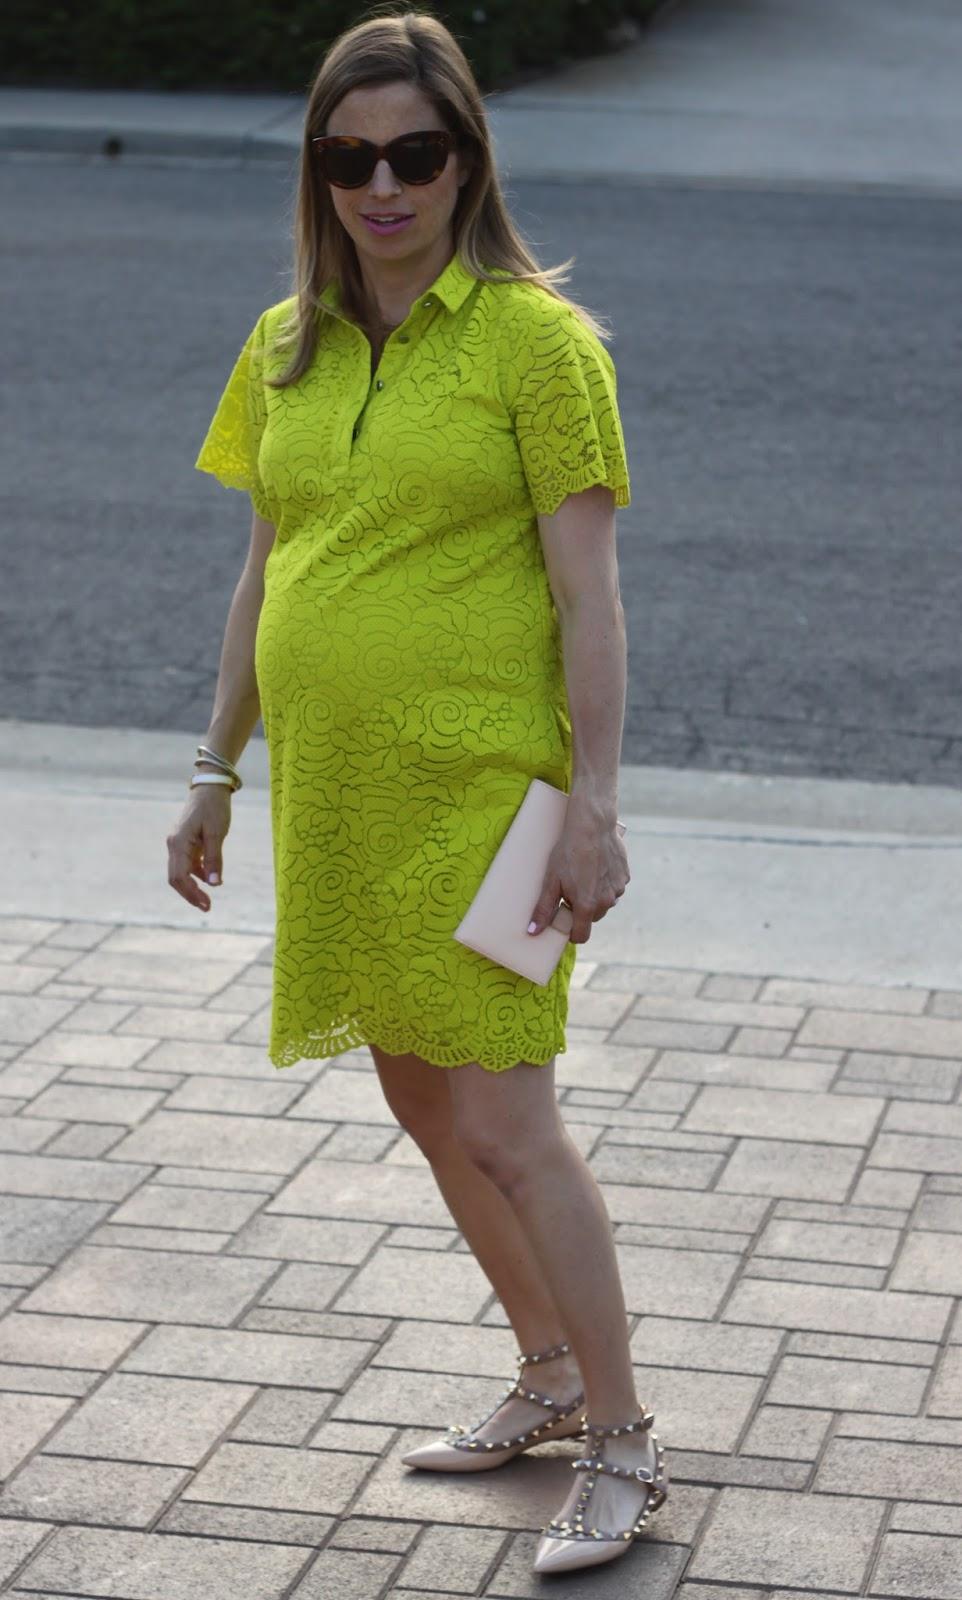 maternity neon lace dress